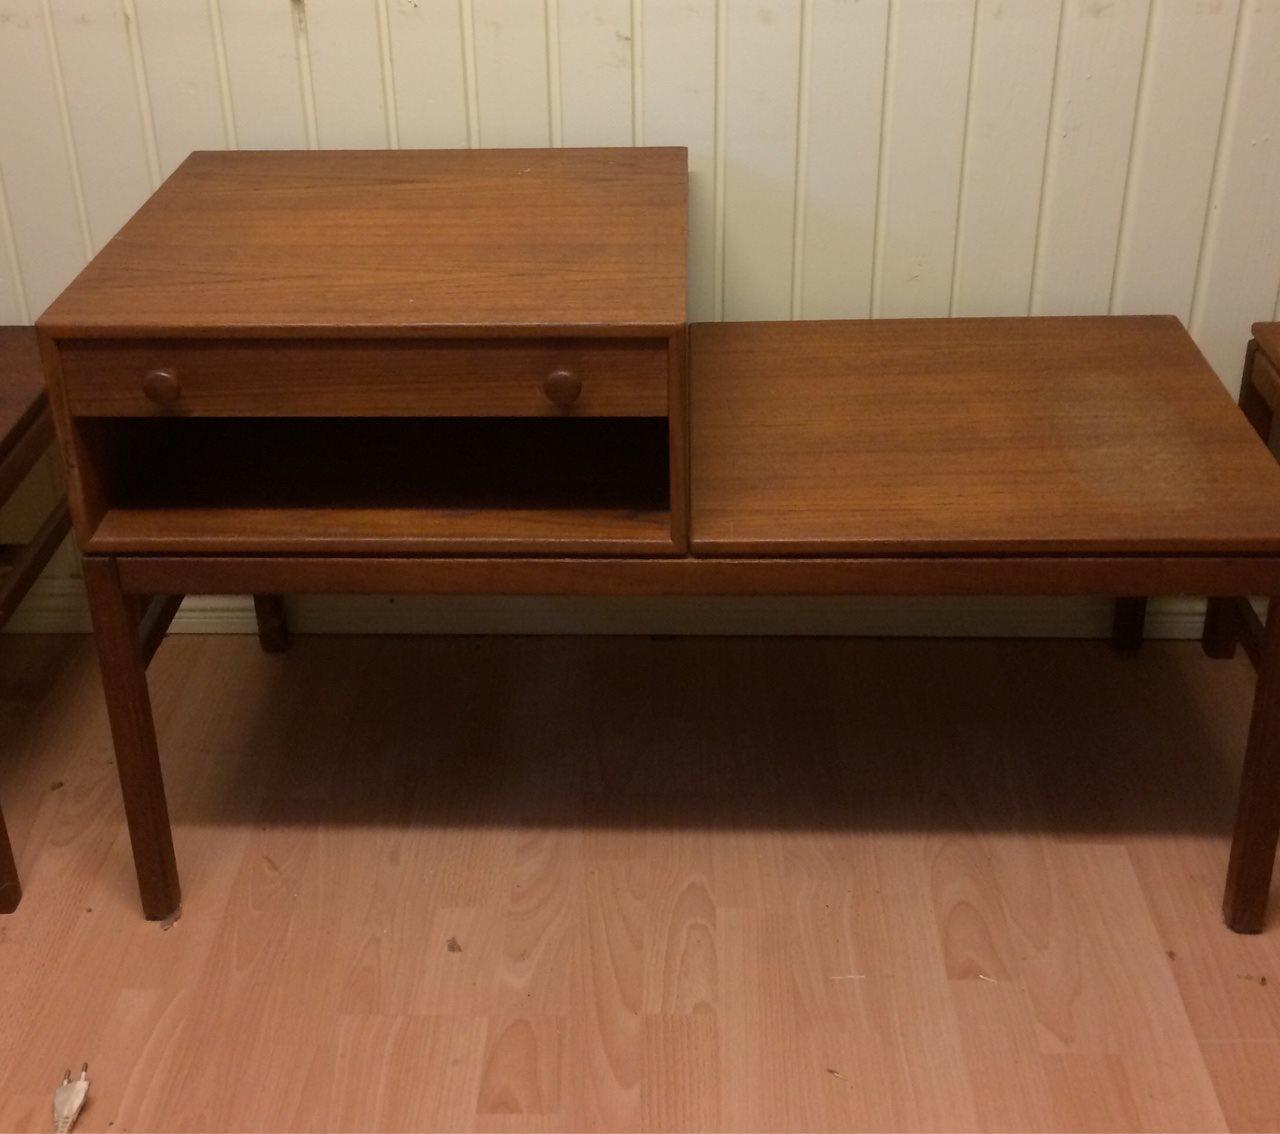 Tingströms sideboard teak 3 delar Bra Bohag retro 60-tal bord kult : 50 tals bord : Inredning